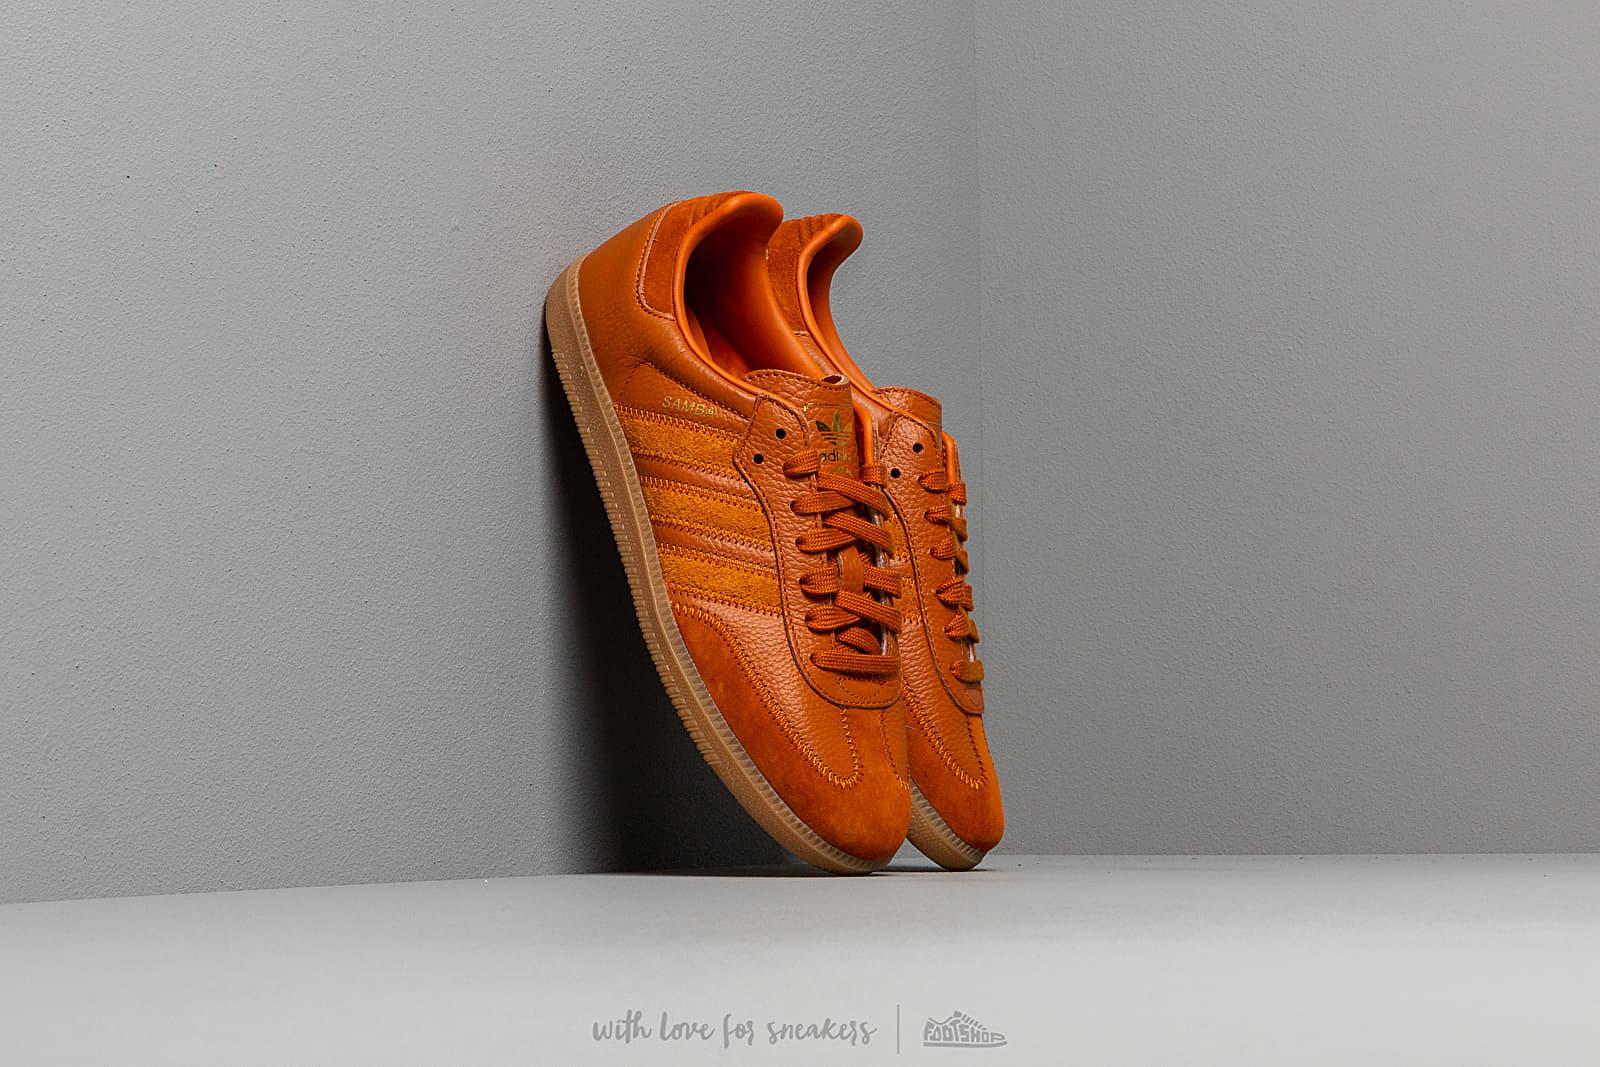 adidas Samba OG Ft Clear Ochre/ Clear Ochre/ Gold Metalic za skvělou cenu 2 490 Kč koupíte na Footshop.cz